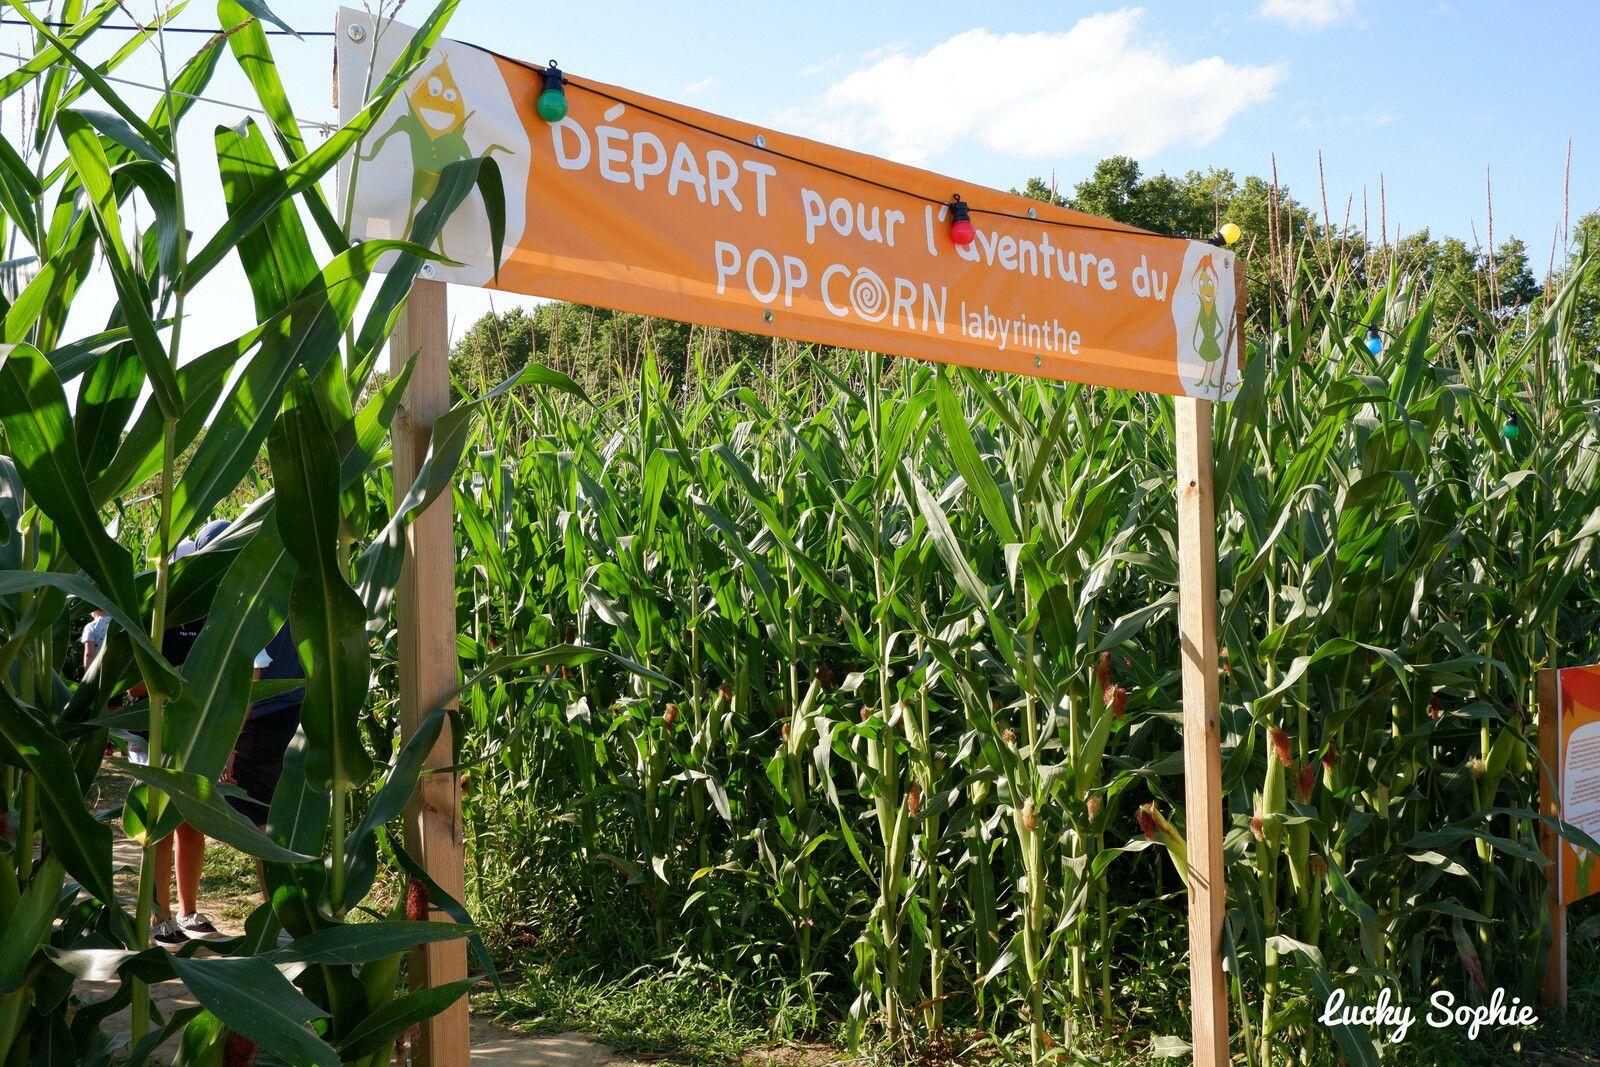 Cette année, découverte pour nous du Pop corn labyrinthe de maïs à Toulouse !